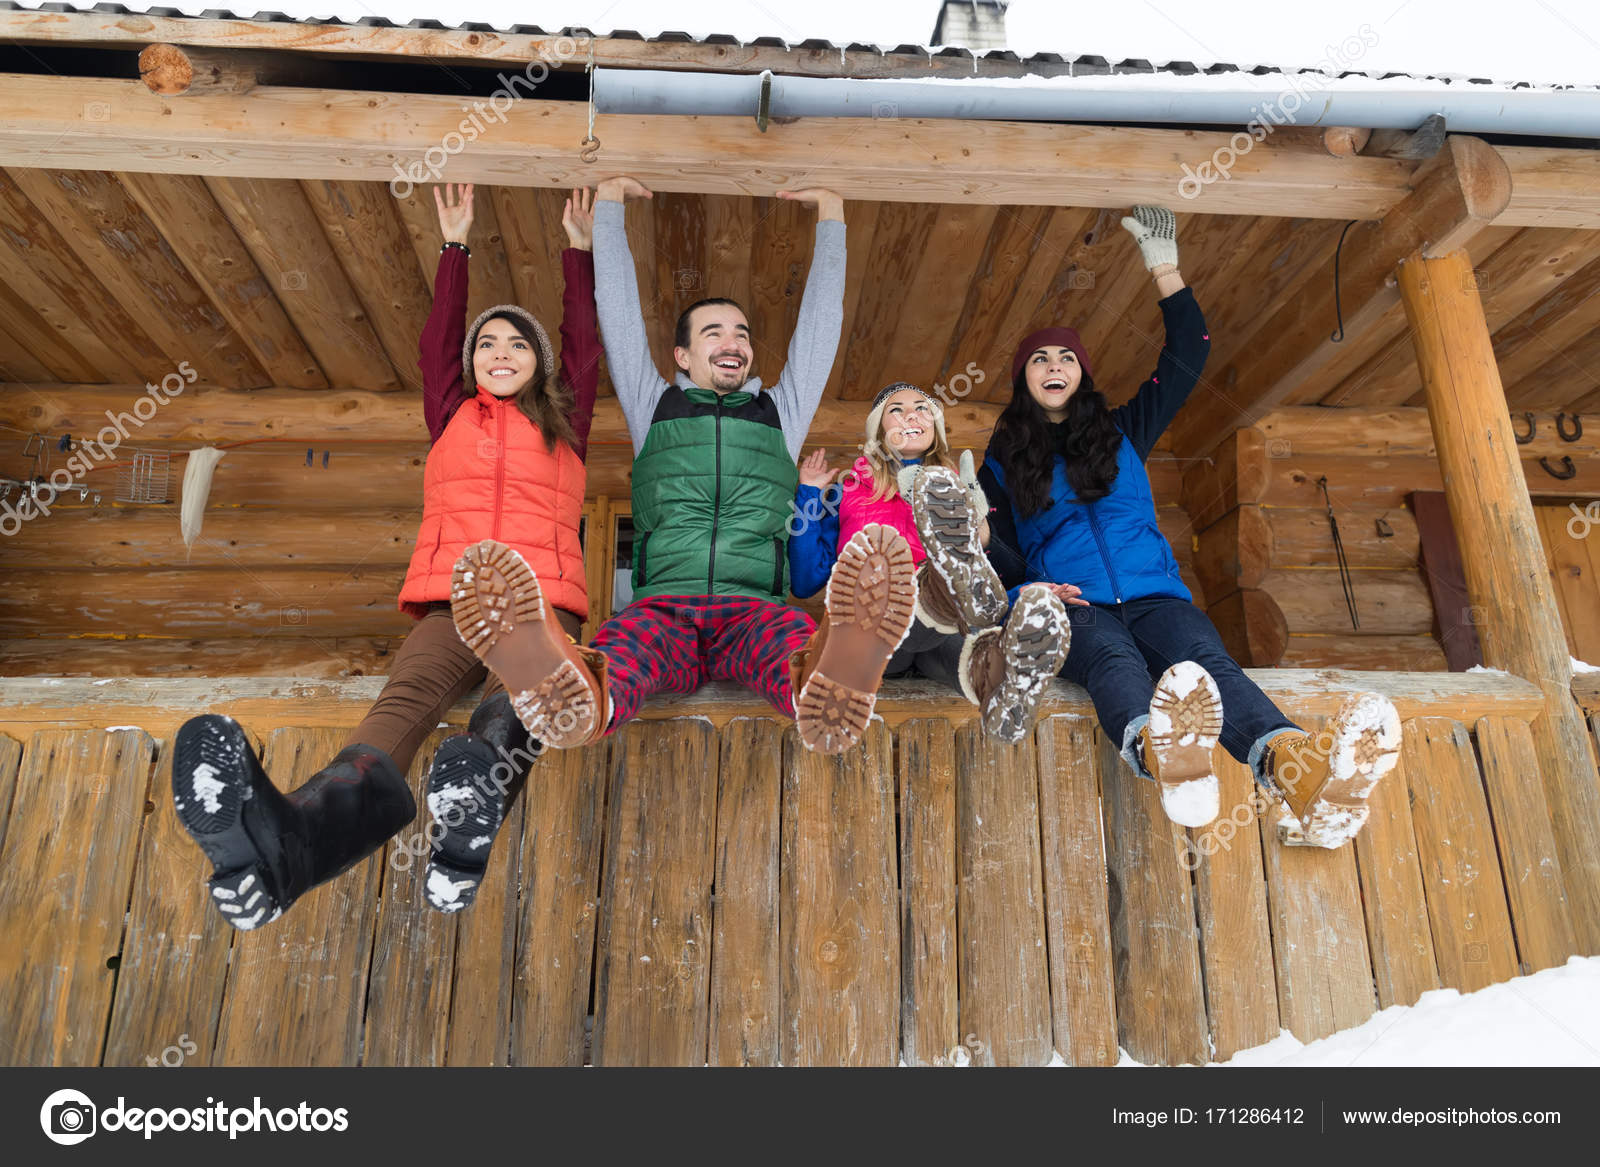 Grupo De Personas Sentados En Terraza Madera Casa Invierno